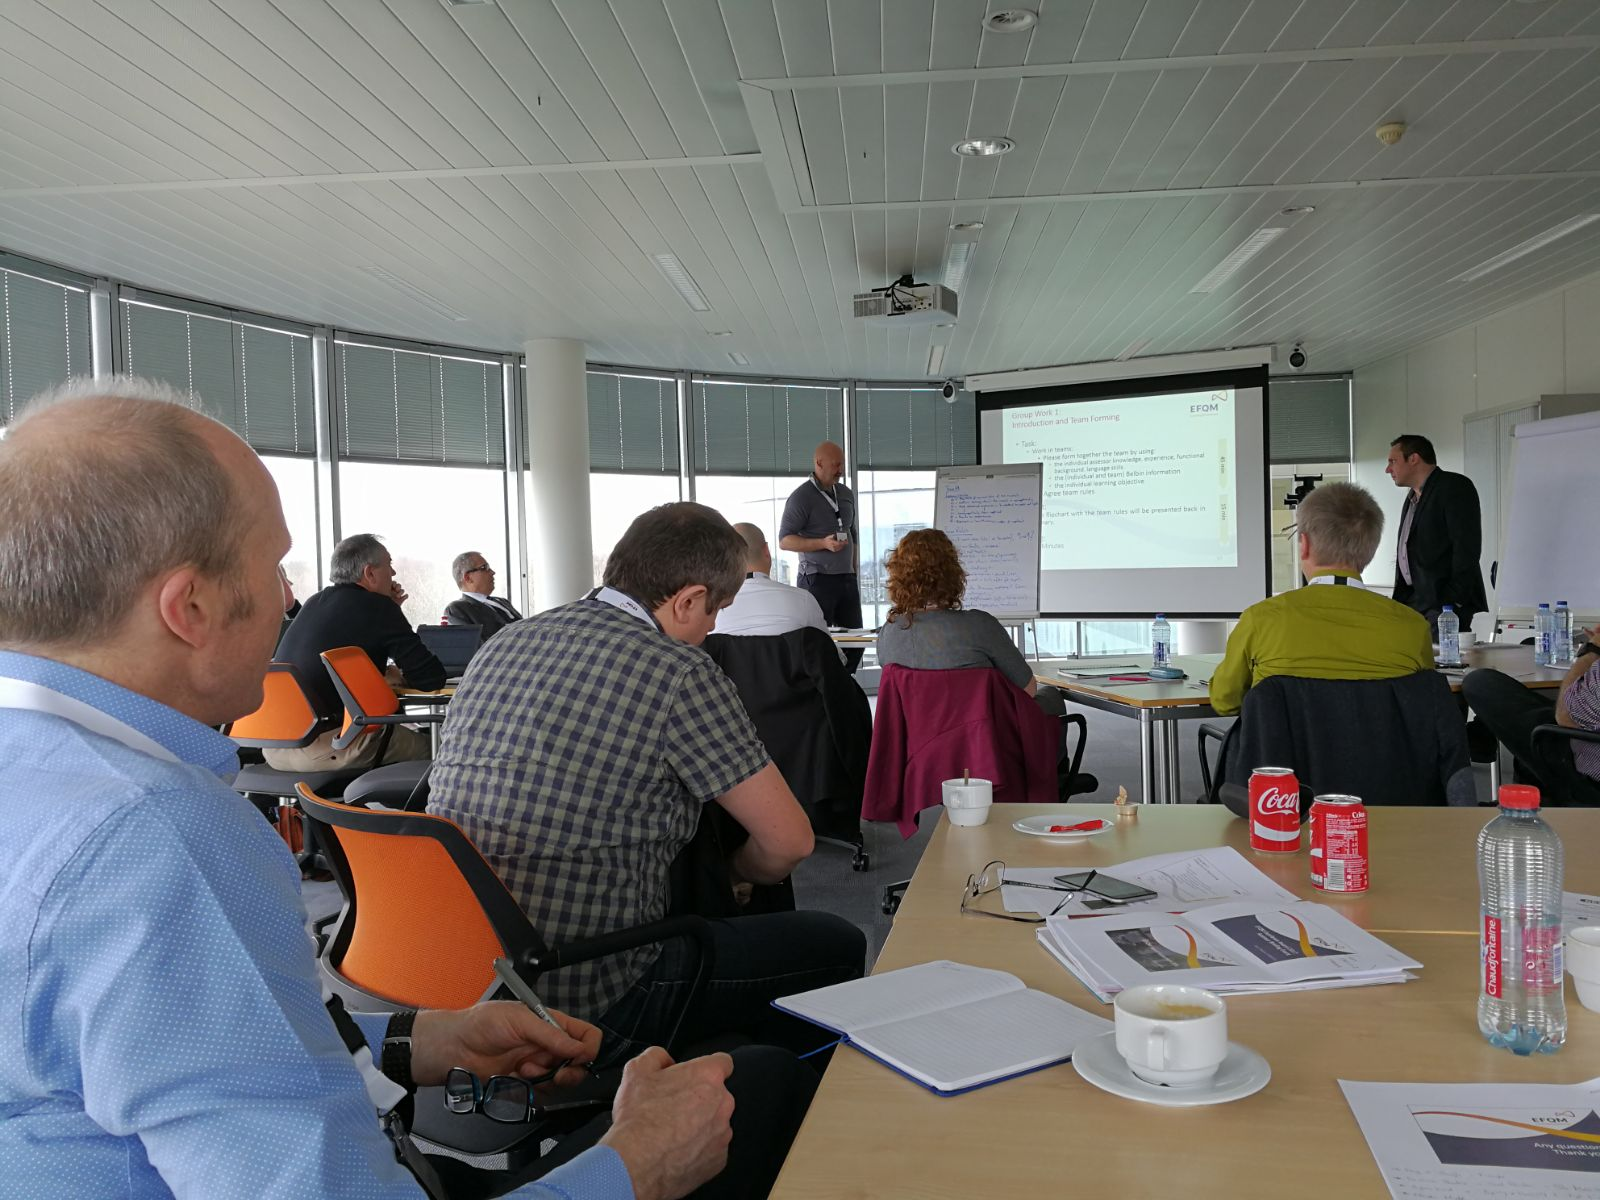 Nuestro Director Ejecutivo @Pau_Negre asiste esta semana en #bruselas a la reunión de evaluadores para el #efqmaward2017 @EFQM #excellence https://t.co/Mklvic9e27